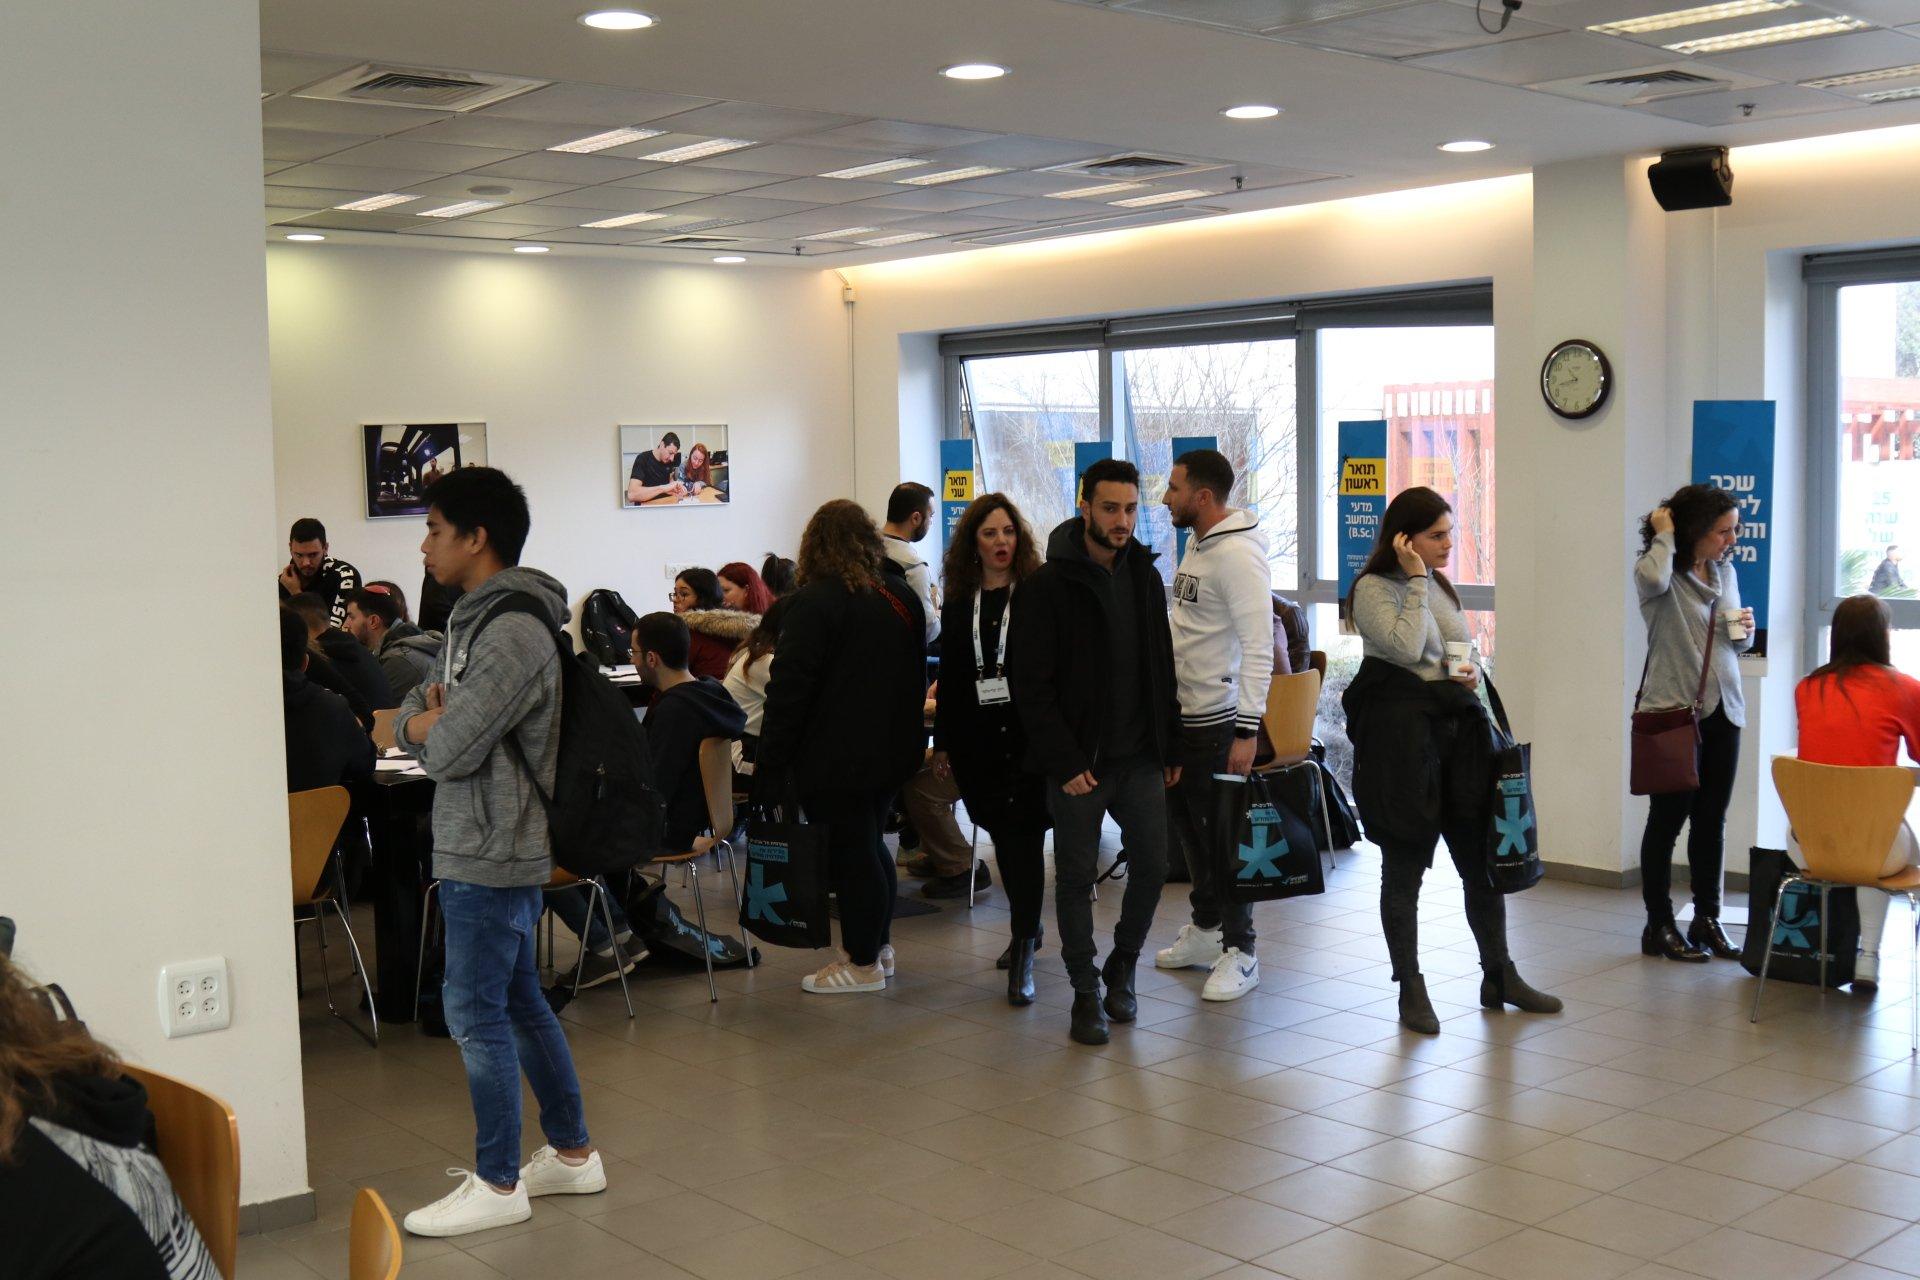 مشاركة المئات في اليوم المفتوح الذي نظمته الكلية الأكاديمية تل-أبيب-يافا